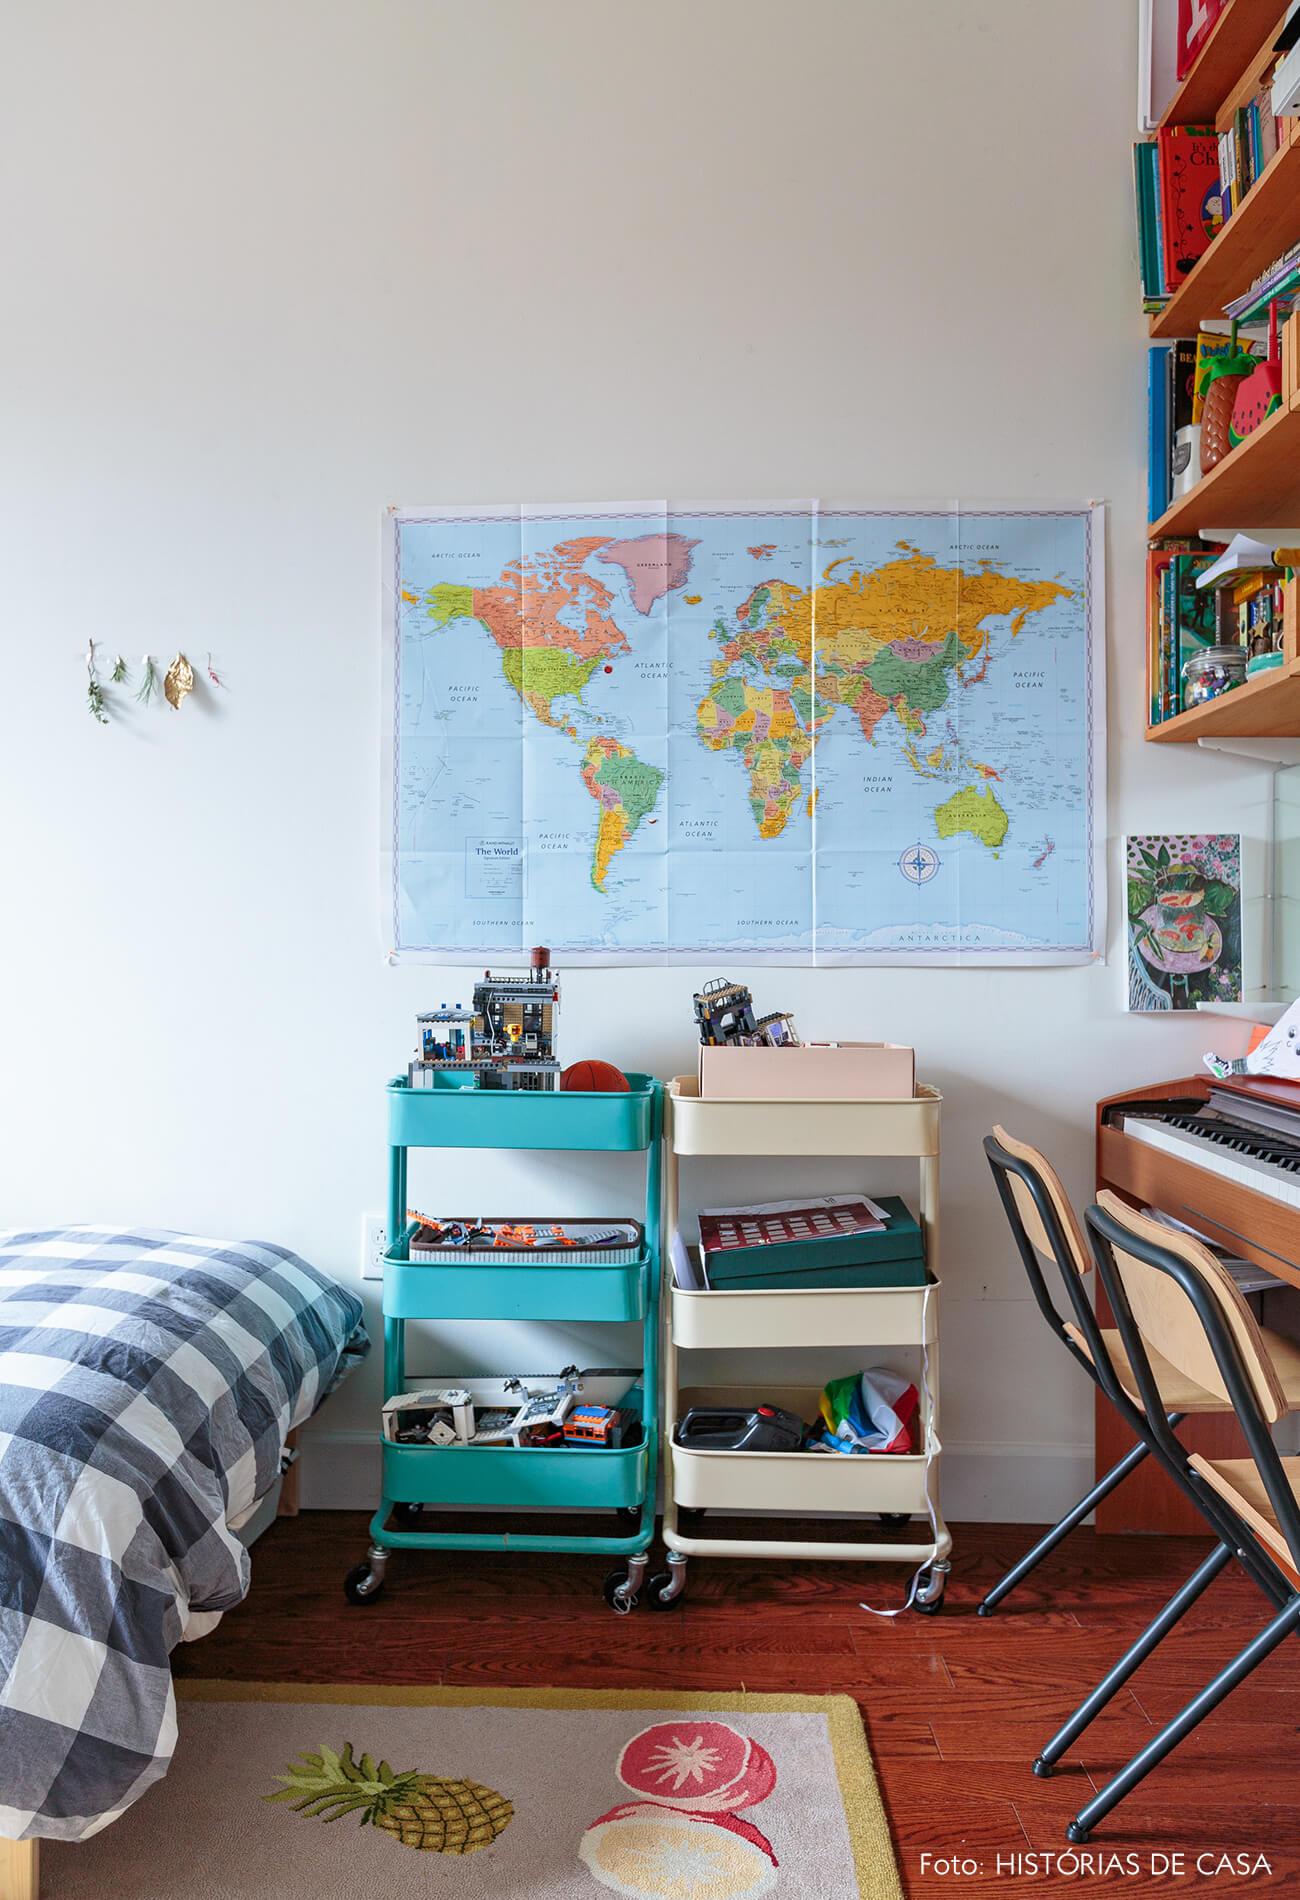 ap deecoração quarto infantil com carrinhos coloridos e mapa na parede